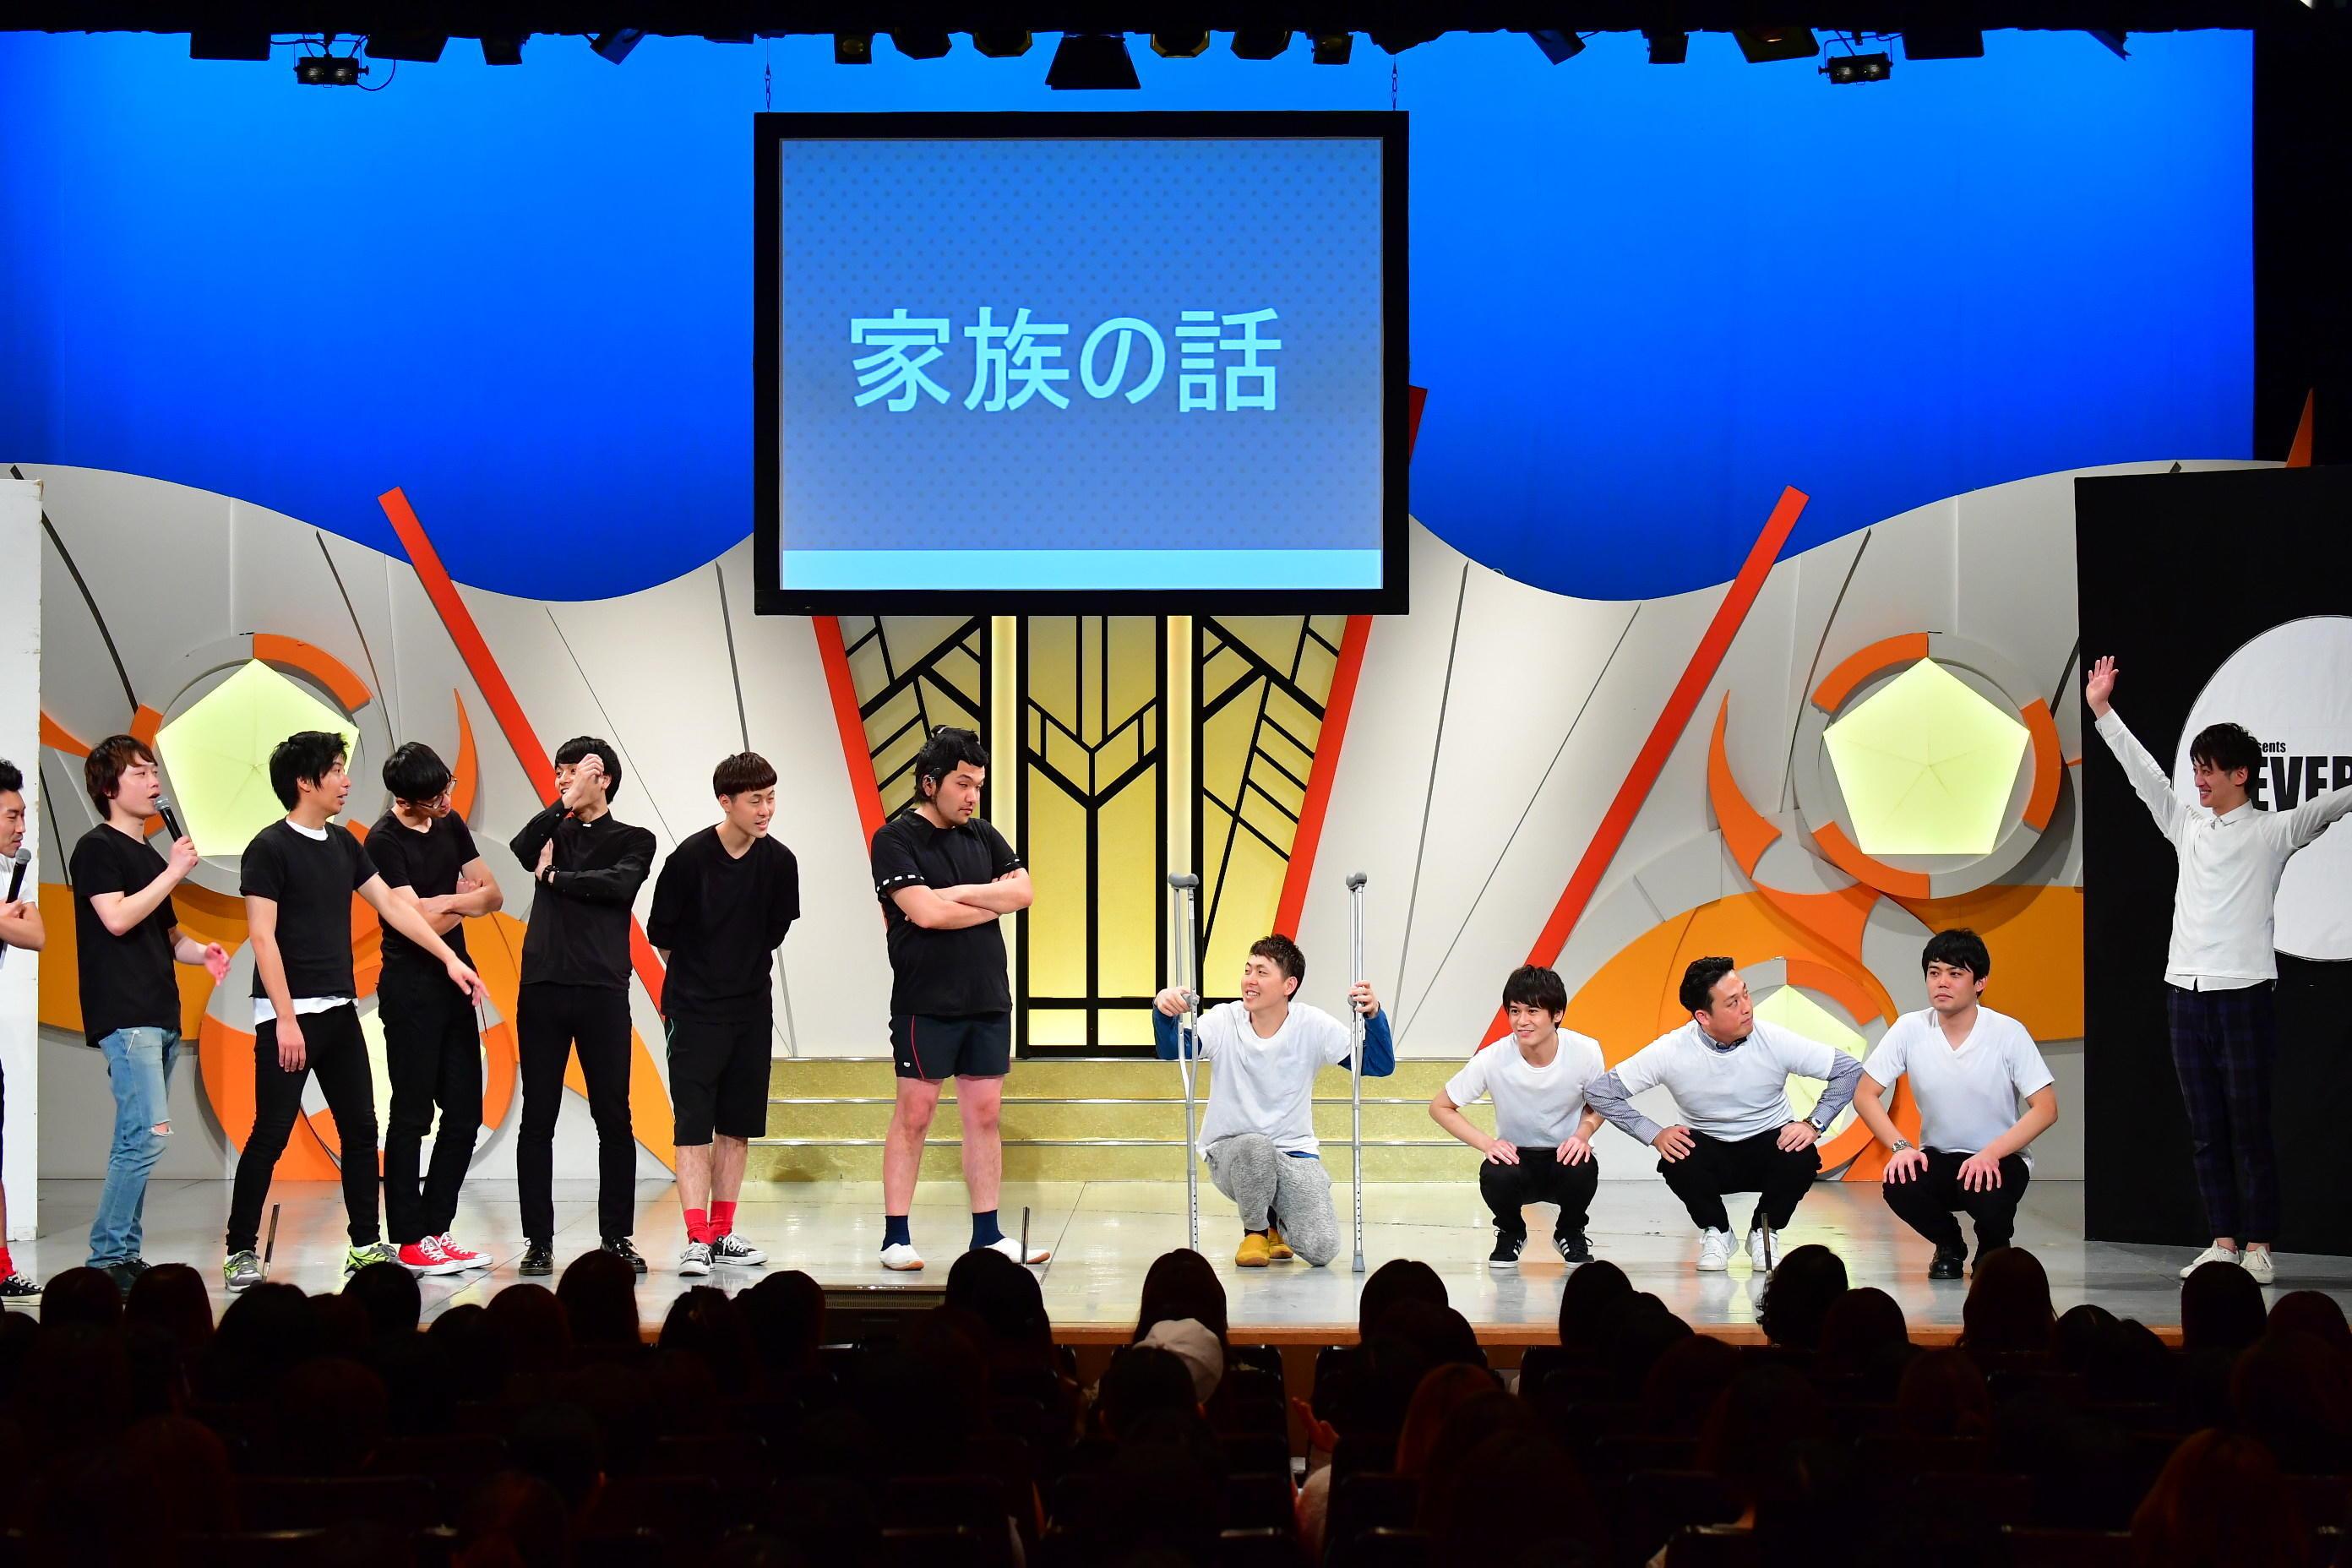 http://news.yoshimoto.co.jp/20180305134557-a0db0b64179969e591f83860b31dc5167f412e3e.jpg